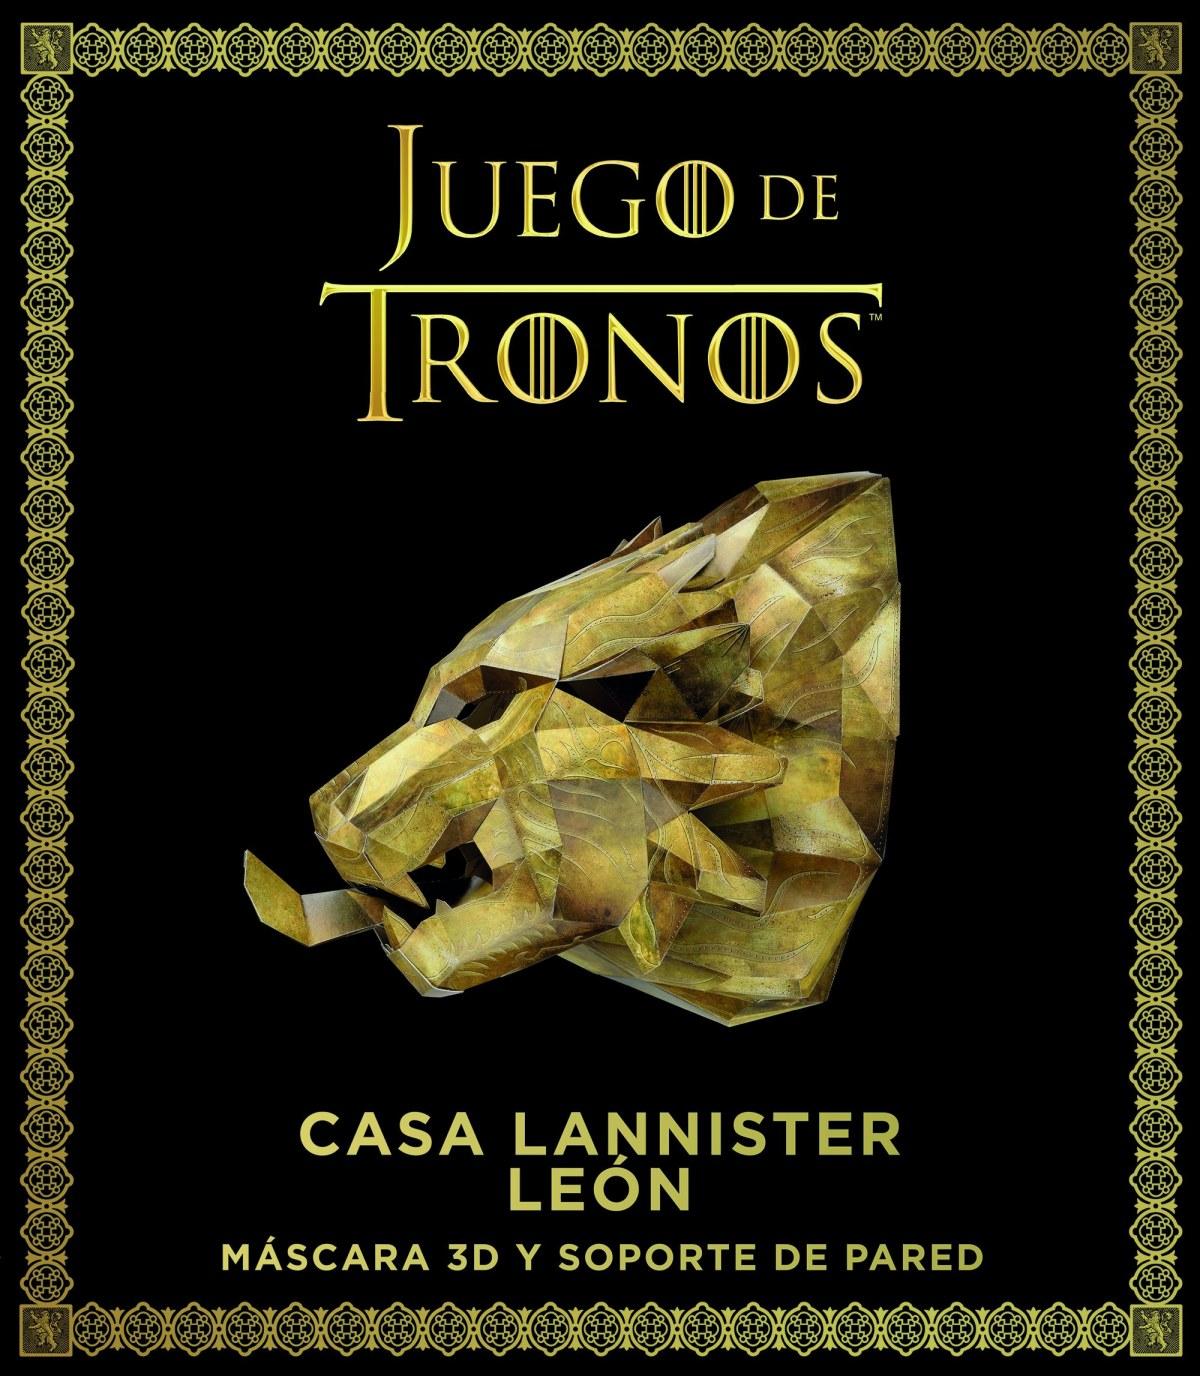 JUEGO DE TRONOS CASA LANNISTER LEON 9788445004692